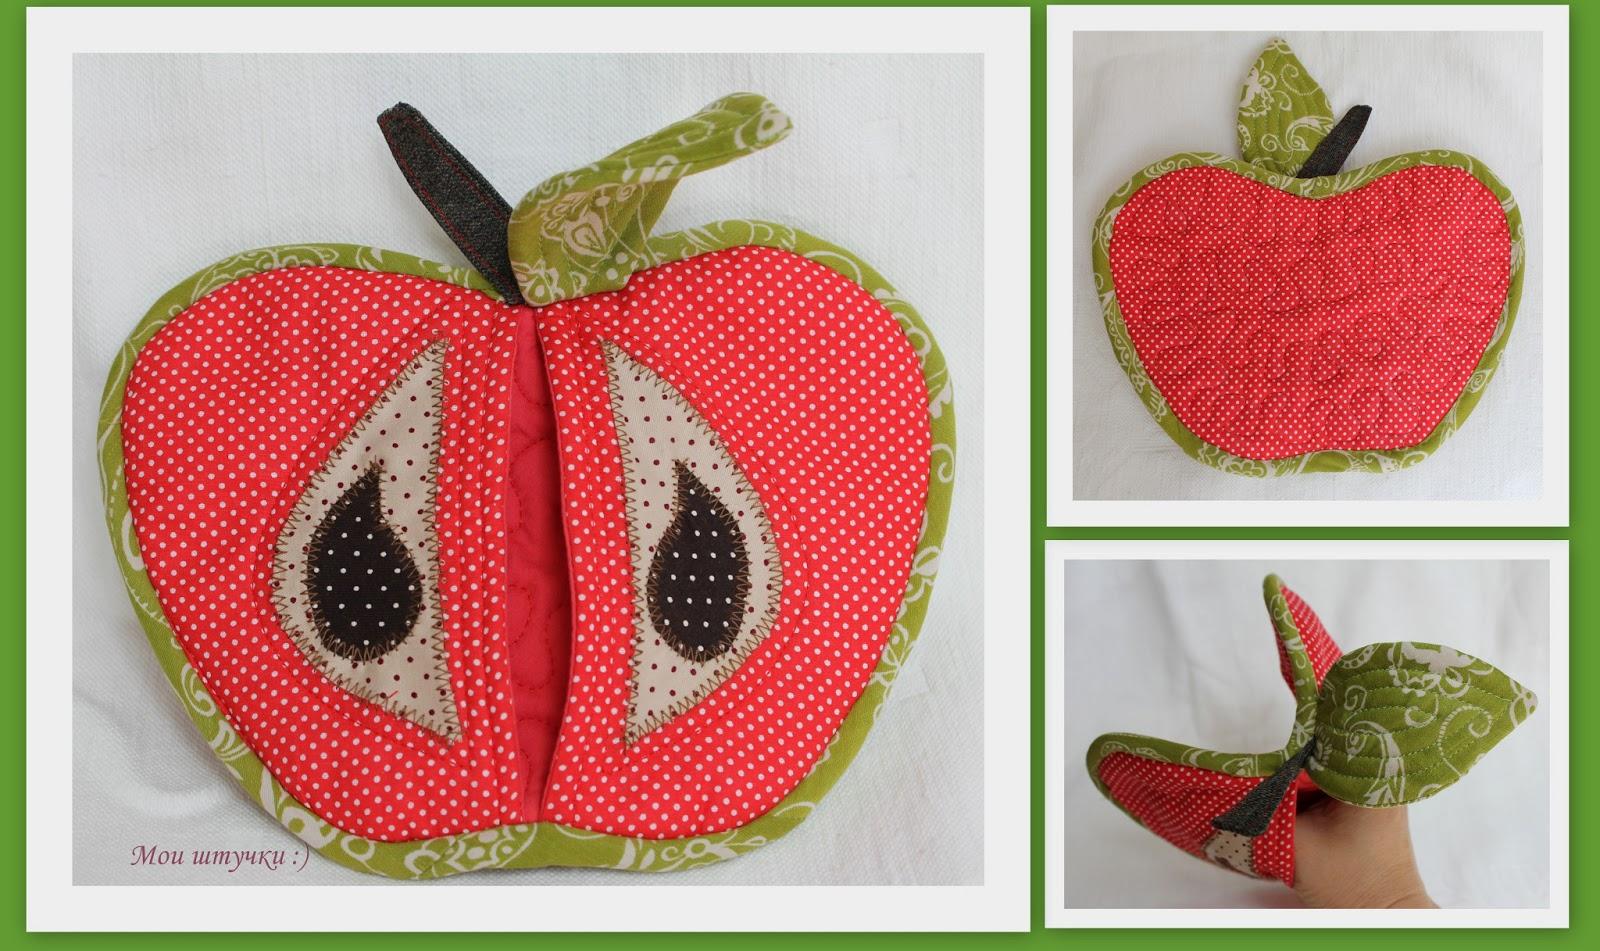 Яблоко из ткани своими руками